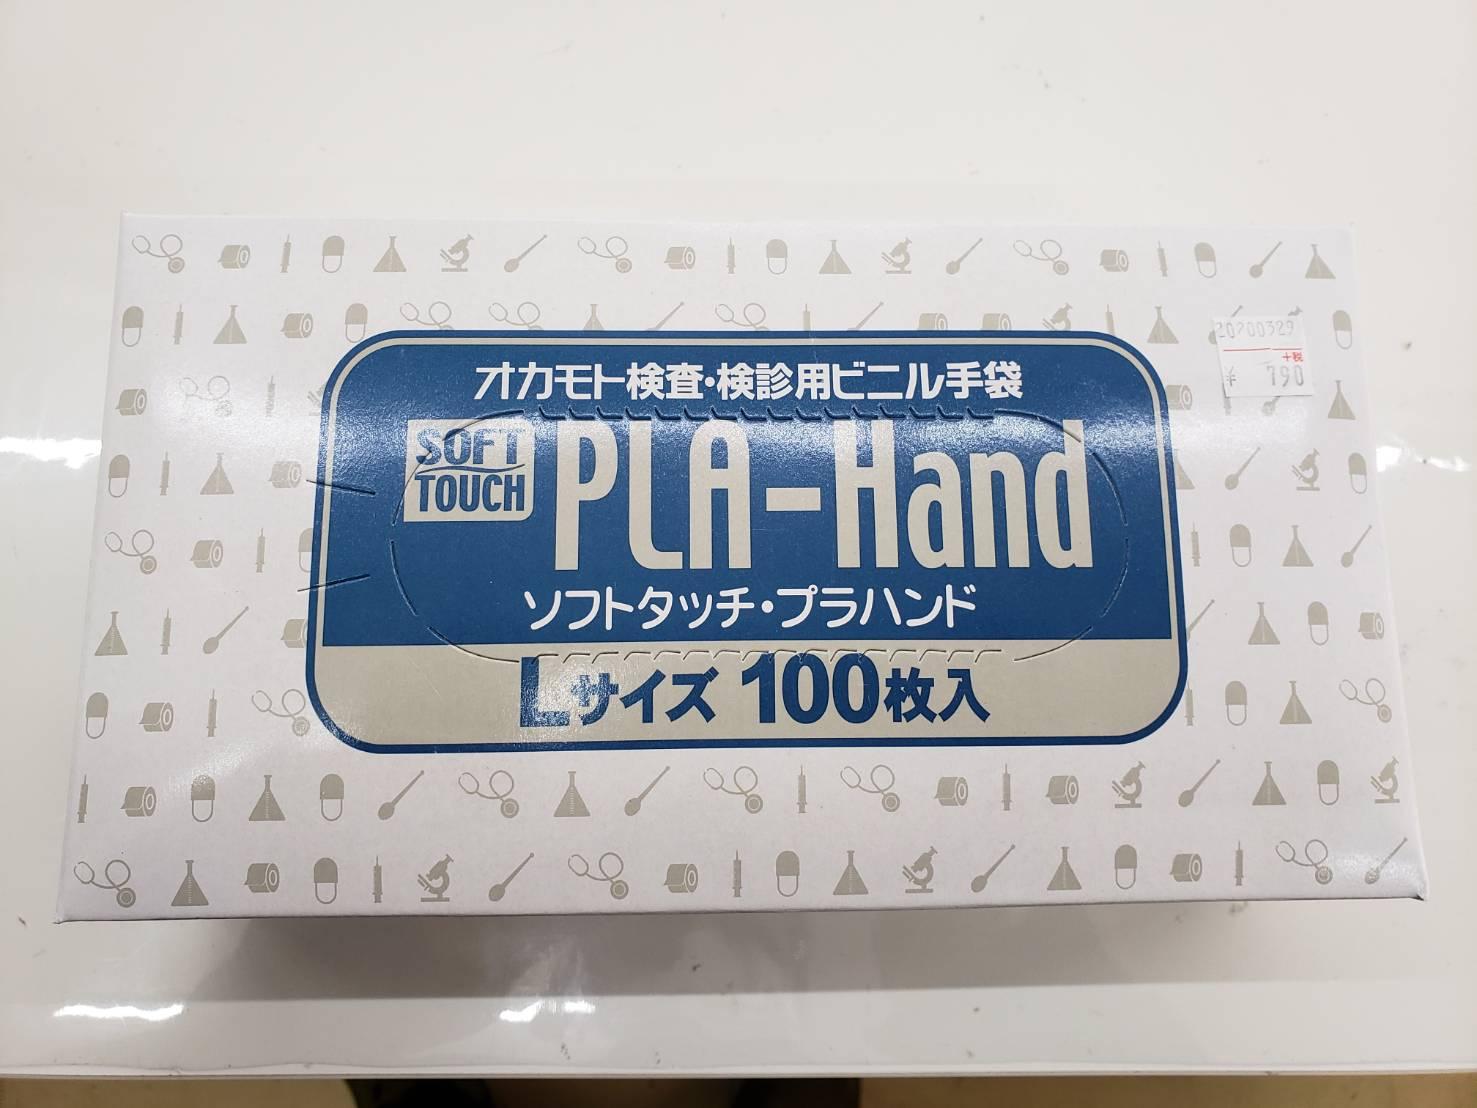 オカモト 検査・検診用ビニル手袋 Lサイズ 100枚入り ソフトタッチプラハンド 買取致しました。 コロナ対策にの買取-